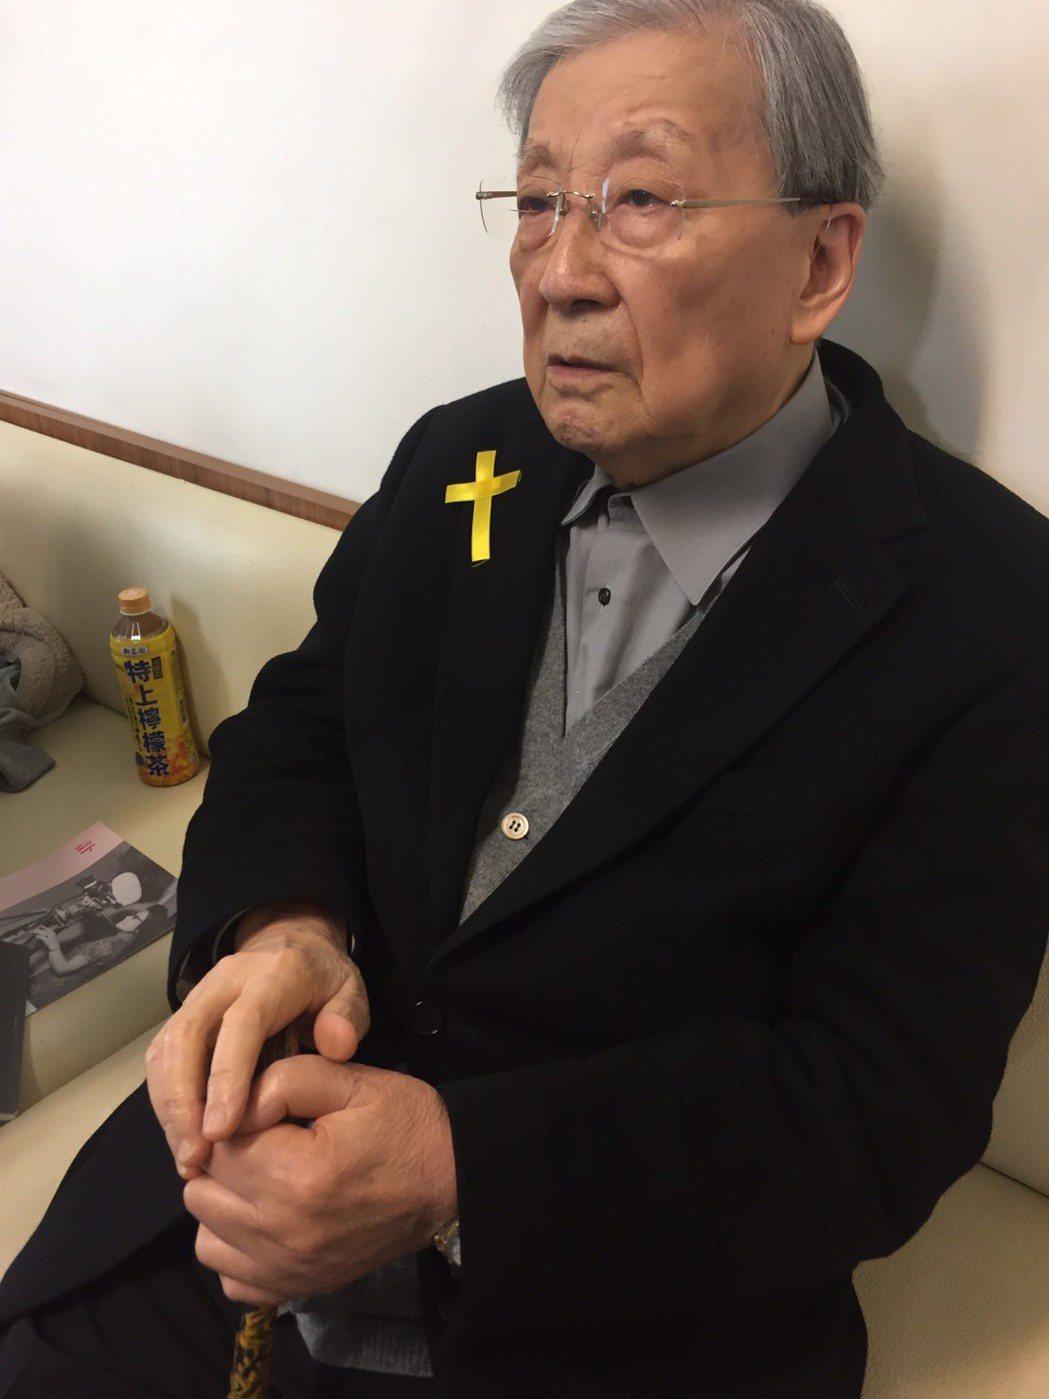 李行前日才進行眼部手術,隔日便來老友崔小萍的告別式。記者陳建嘉攝